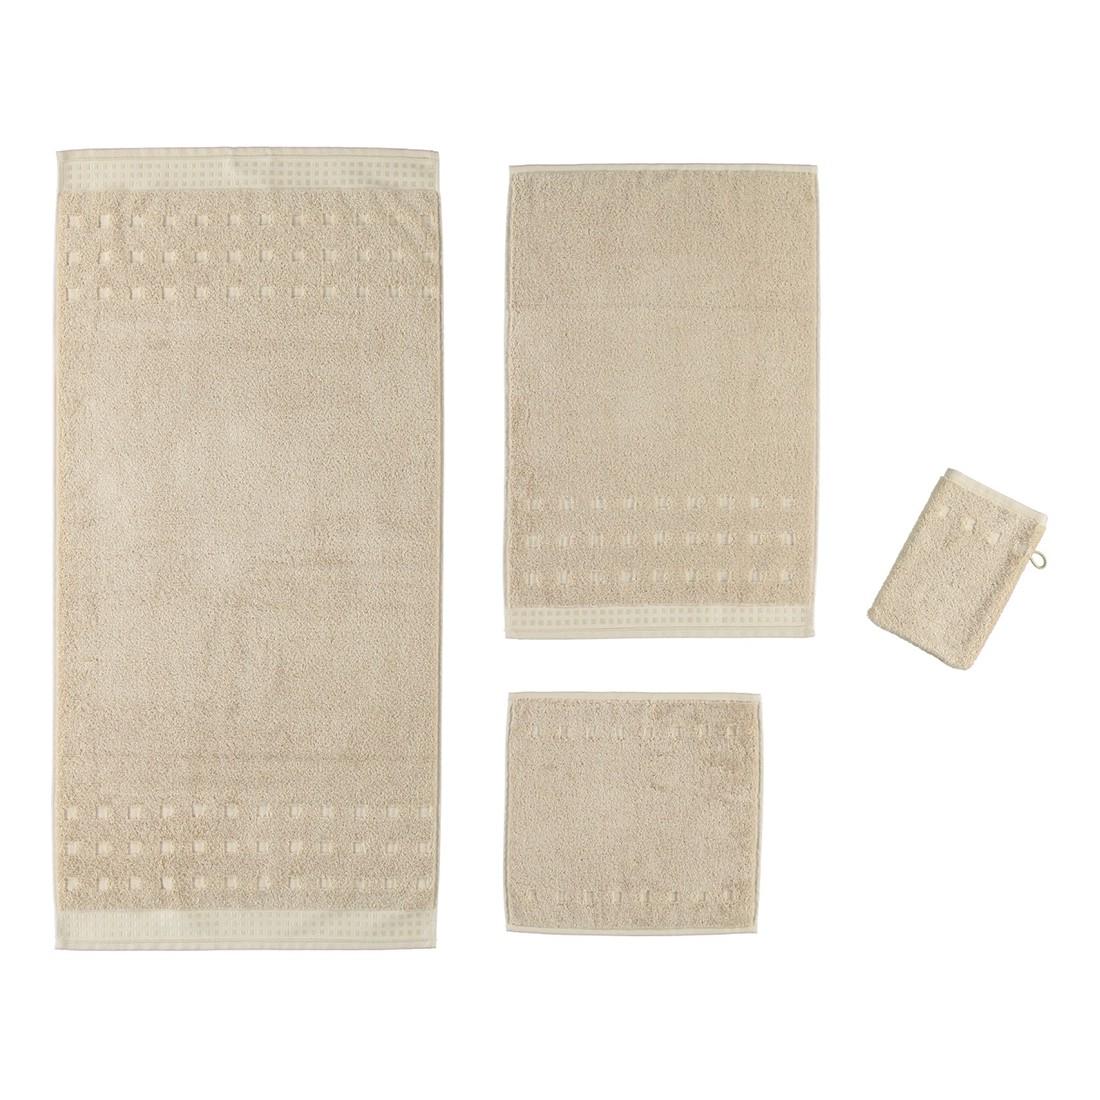 Handtuch Country Style – 100% Baumwolle tibet – 610 – Handtuch: 60 x 110 cm, Vossen bestellen